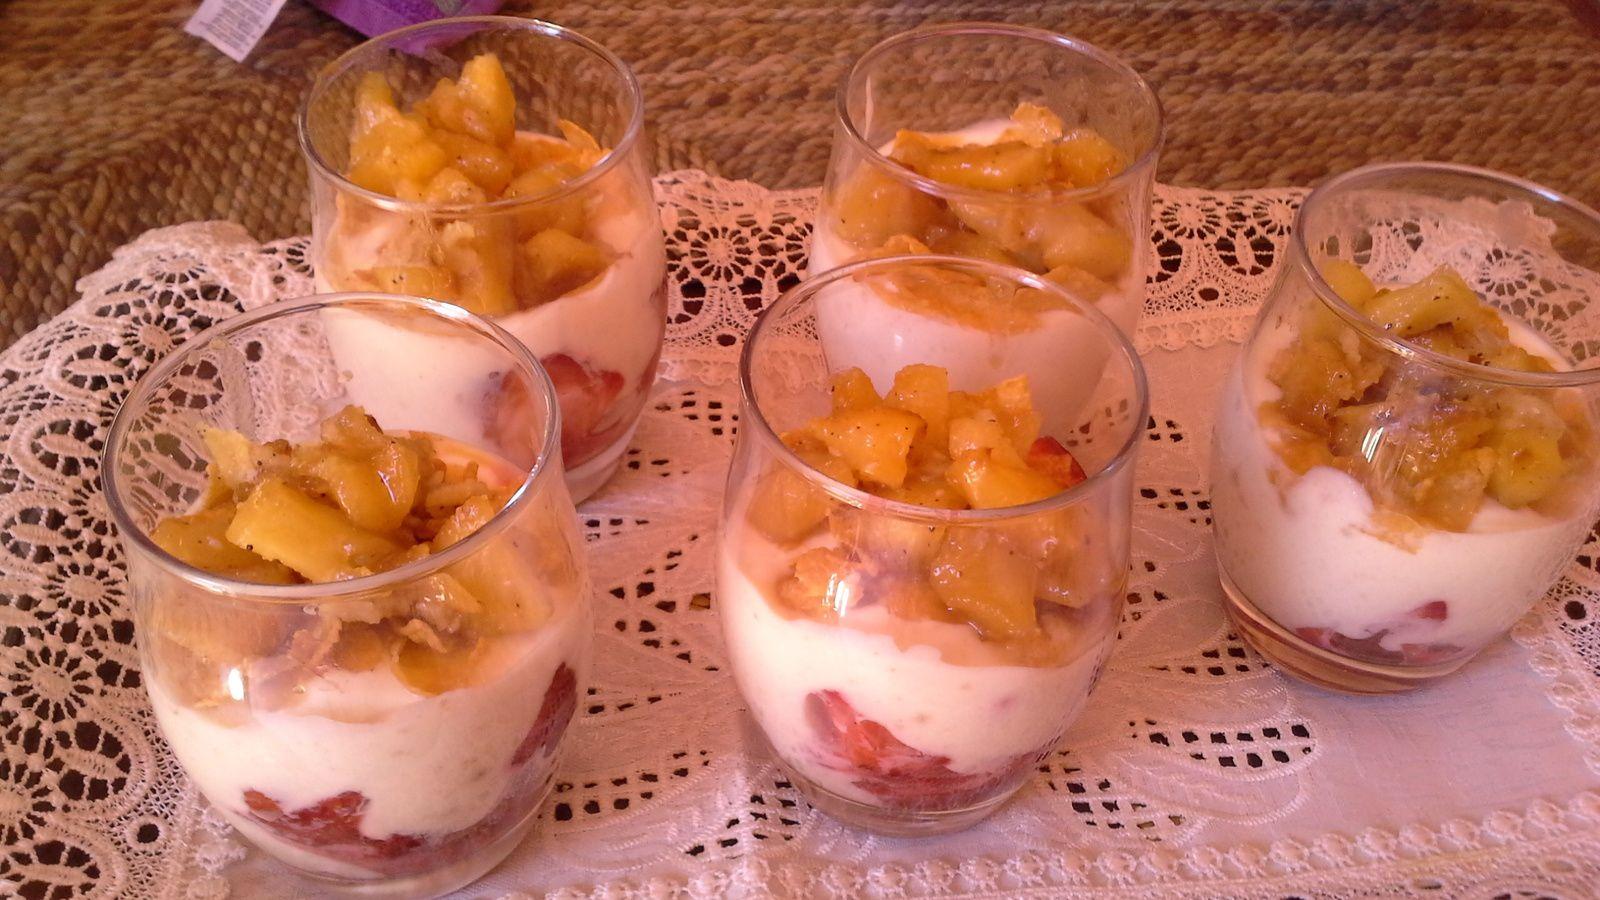 verrines au &quot&#x3B;yaghourt,fraises, pomme, speculoos&quot&#x3B;